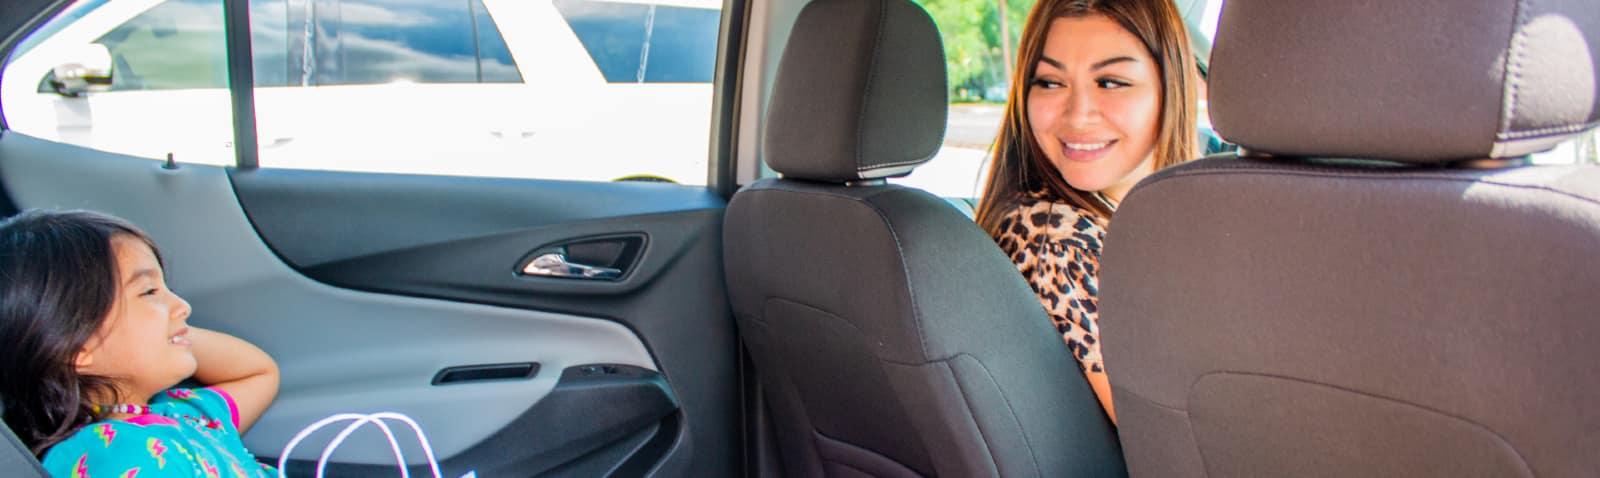 A happy girl getting inside a car.